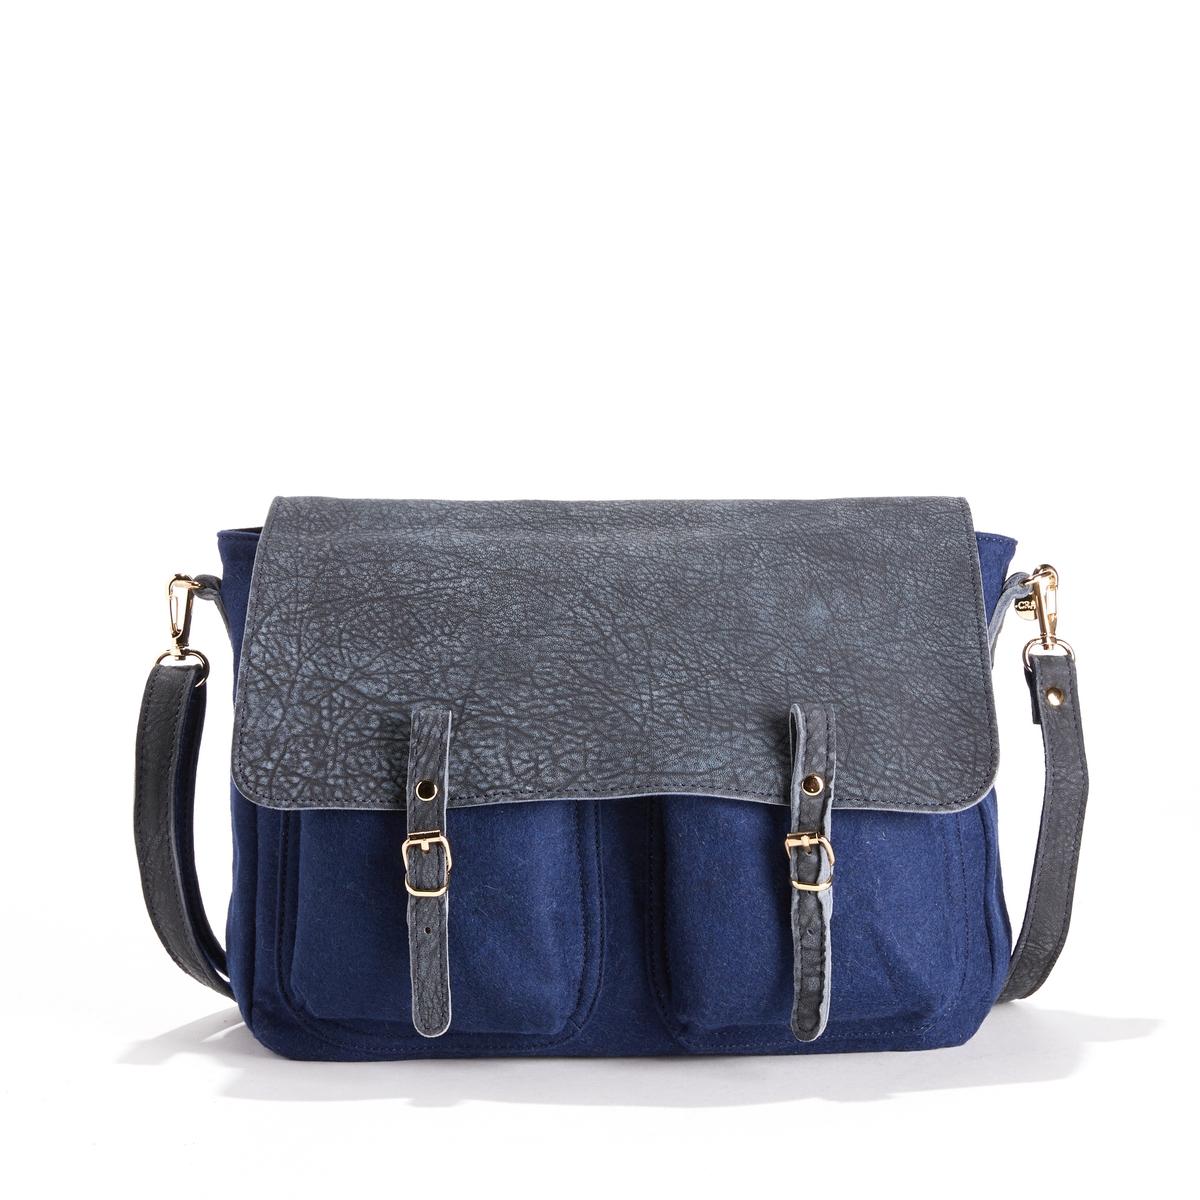 Сумка из кожи и ткани MAXI MATHSОписание:Двусторонняя сумка CRAIE  - модель MAXI MATHS CUIR FEUTRE с модулируемыми деталями из кожи и фетра.Детали    •  Двусторонняя и модулируемая при помощи кнопок сумка-портфель •  Можно носить в руке, на плече или как рюкзак благодаря съемной ручке, плечевому ремню и кольцу •  Застежка на 2 кнопки со взаимозаменяемыми пряжками •  Карманы с клапанами  •  2 небольших кармана с изнаночной стороны •  Размеры 35 x 27 x 10 см: большая модельСостав и уход    •  Кожа ягненка и хлопковый фетр •  Подкладка из хлопковой ткани  •  Следуйте советам по уходу, указанным на этикетке<br><br>Цвет: темно-синий<br>Размер: единый размер